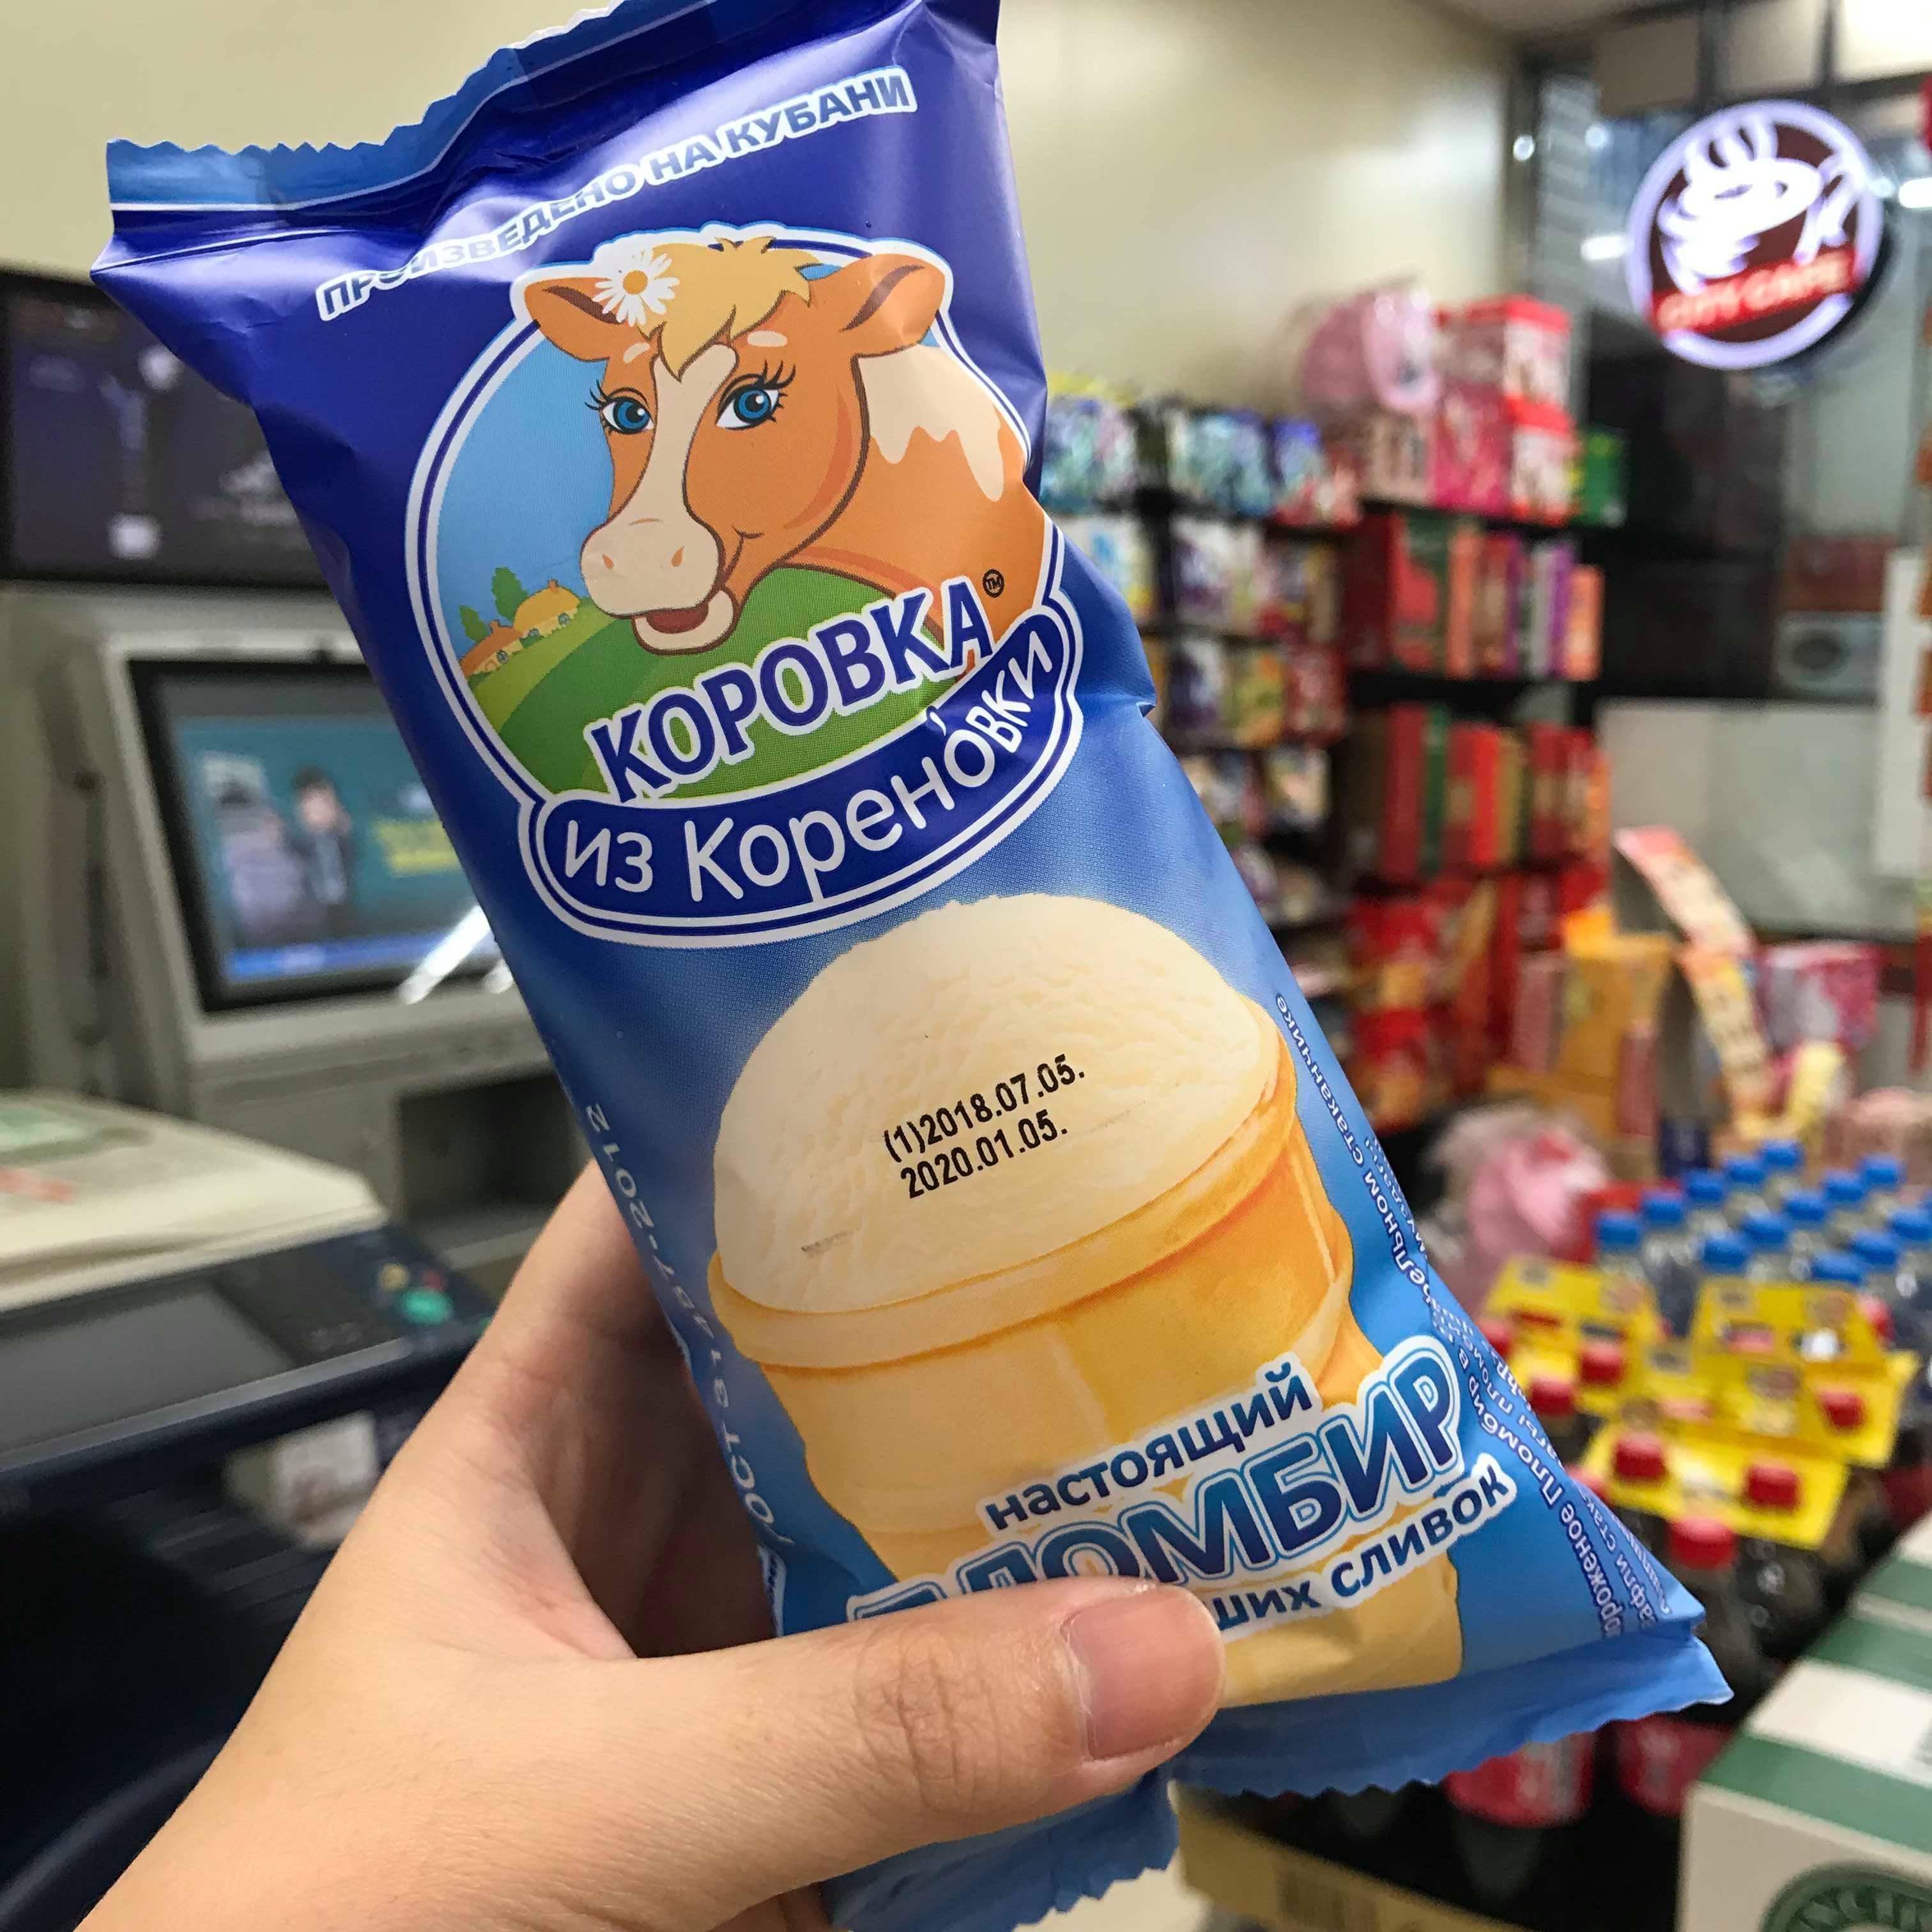 【食記】一支79元貴到爆的俄羅斯冰淇淋KOPOBKA|7-11限定款